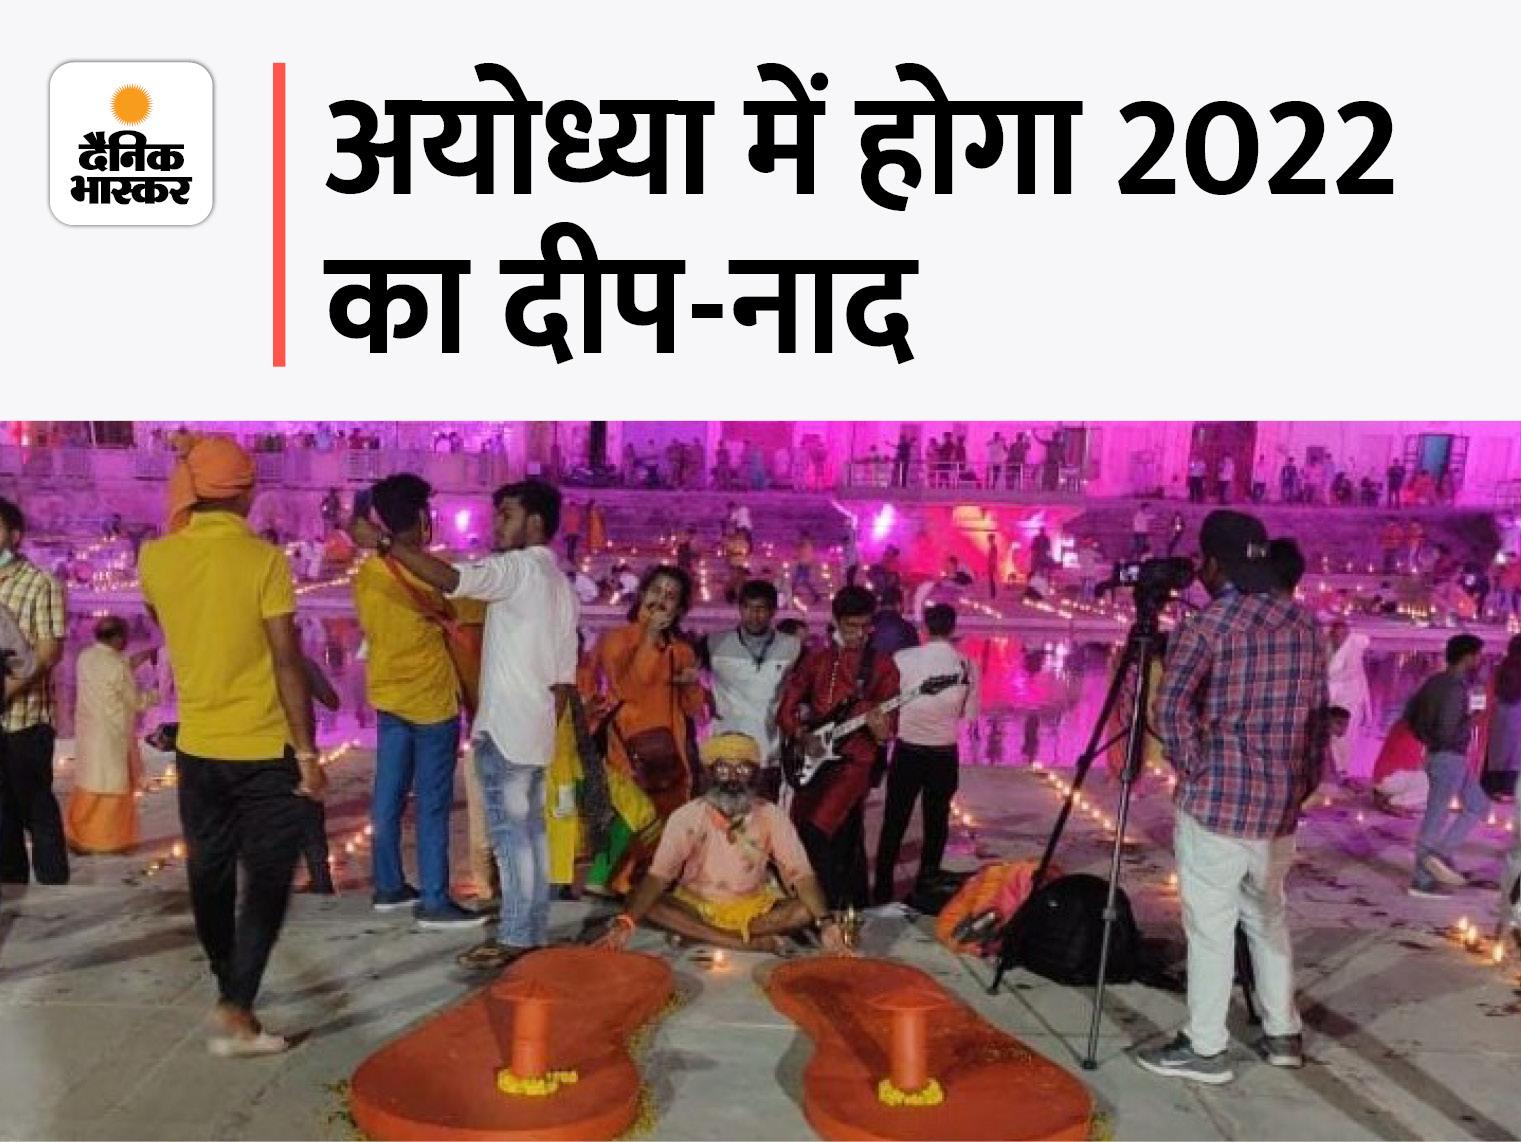 7.50 लाख दीपकों से जगमगाएगी राम नगरी, टूटेगा 4 साल का रिकॉर्ड; हवाई अड्डे व रामायण क्रूज का होगा शिलान्यास|अयोध्या (फैजाबाद),Ayodhya (Faizabad) - Dainik Bhaskar